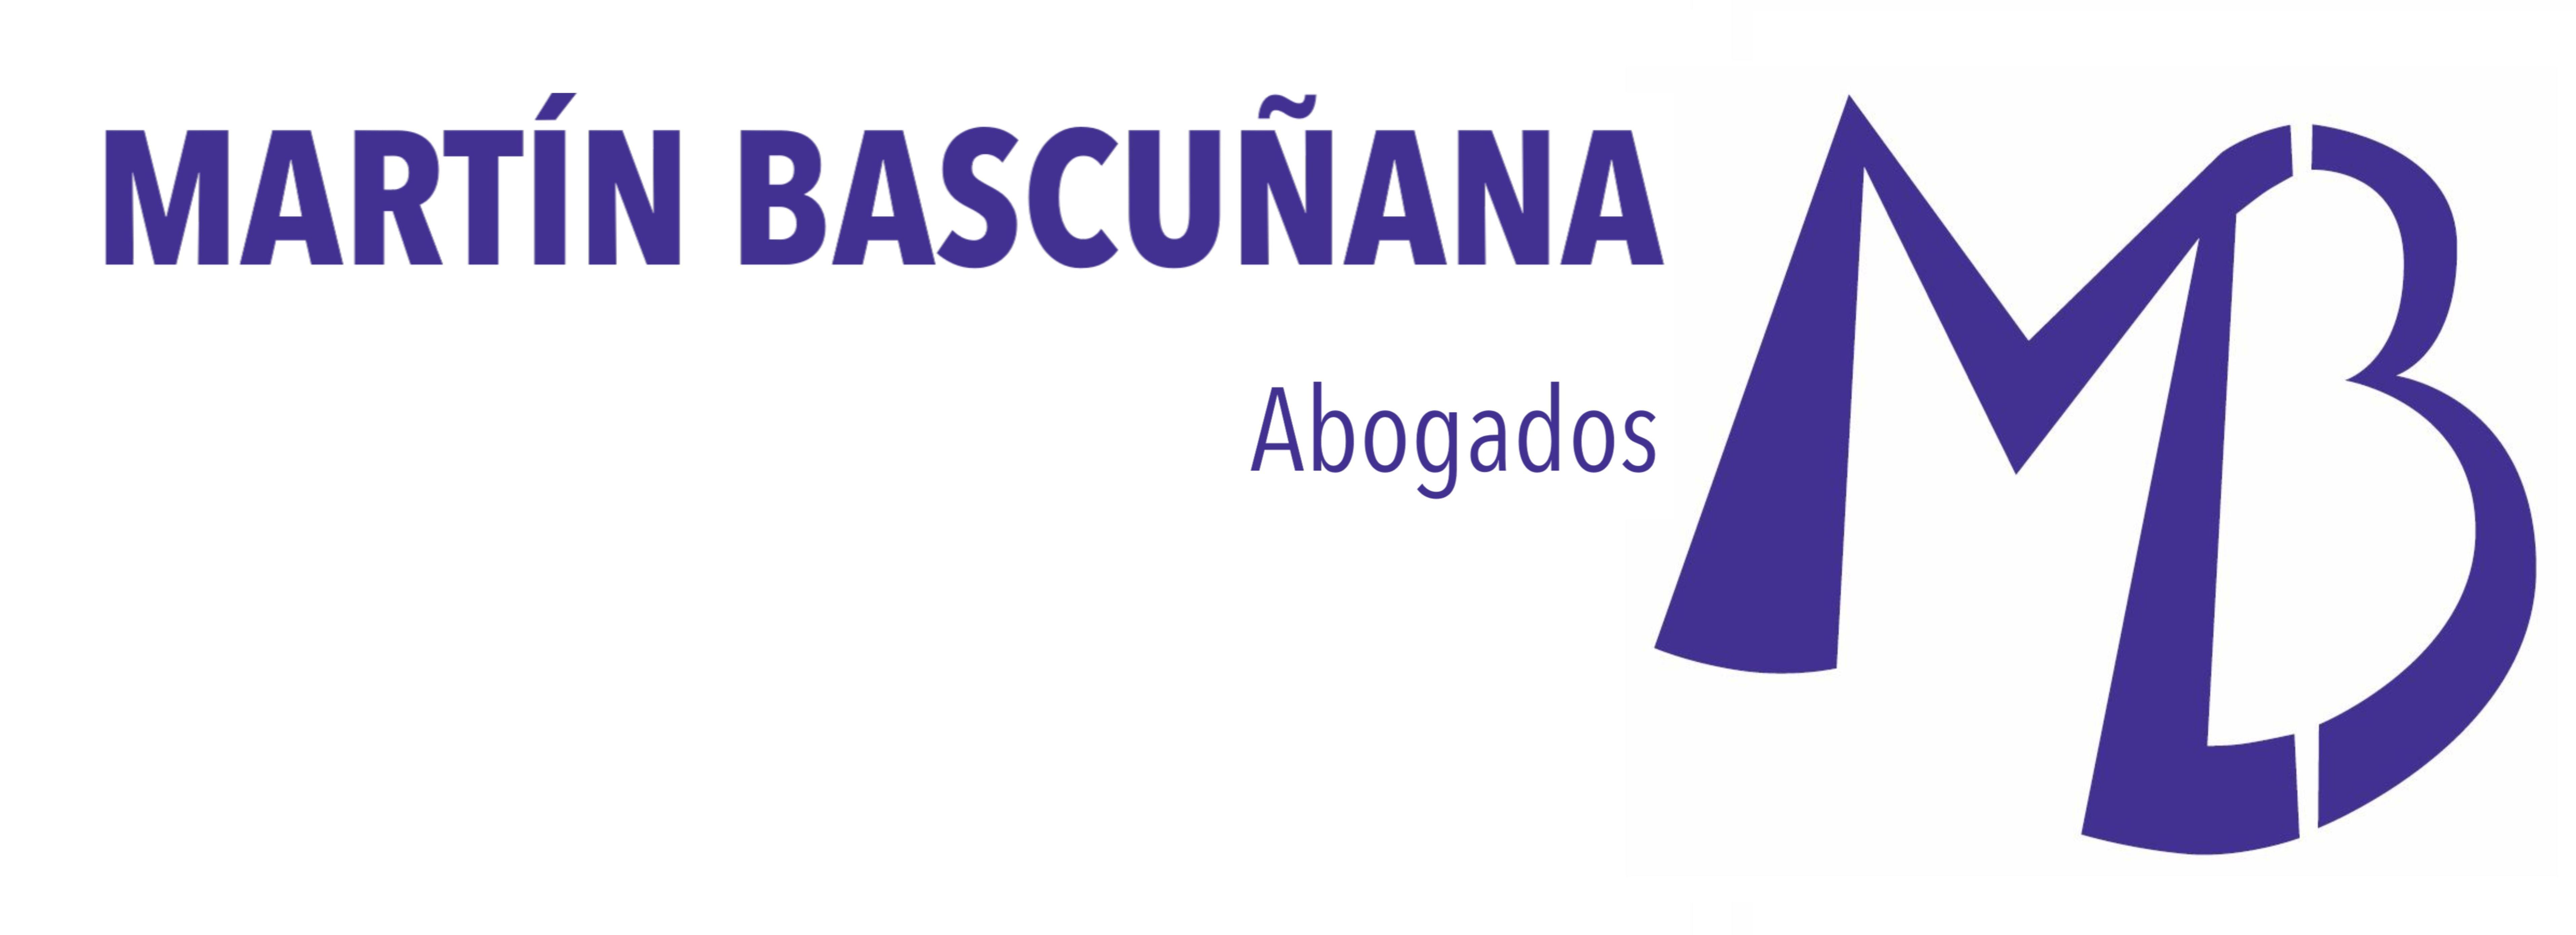 Logotipo MB Abogados 02